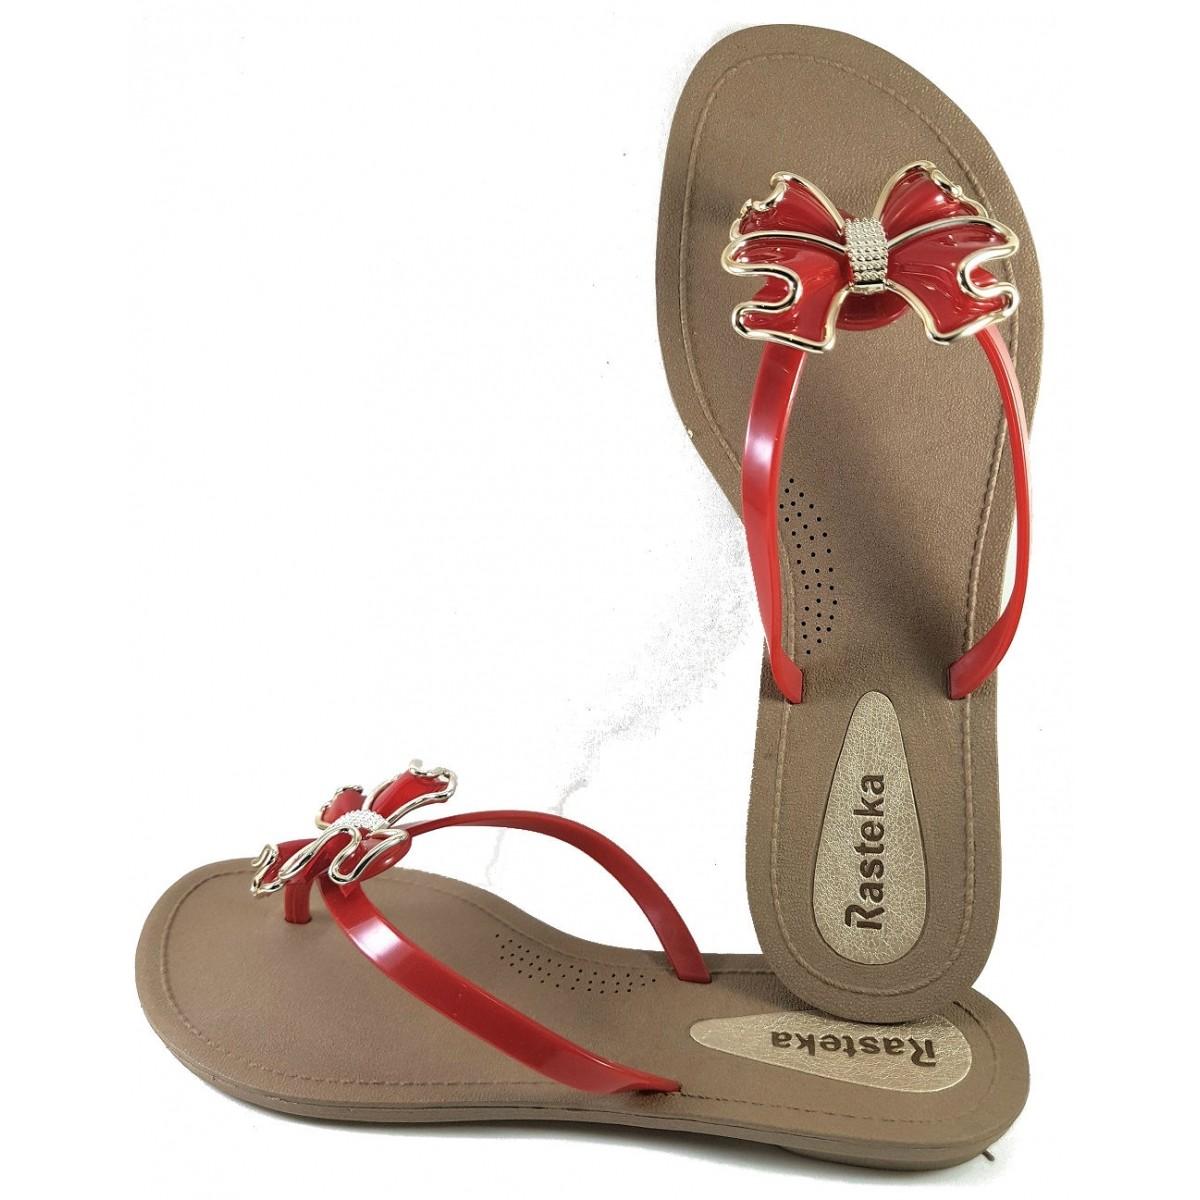 Sandália Rasteira Rasteka Super Confortável - Laço Vermelho e Dourado, Solado Bege e Tiras Vermelhas  - ShopNoroeste.com.br